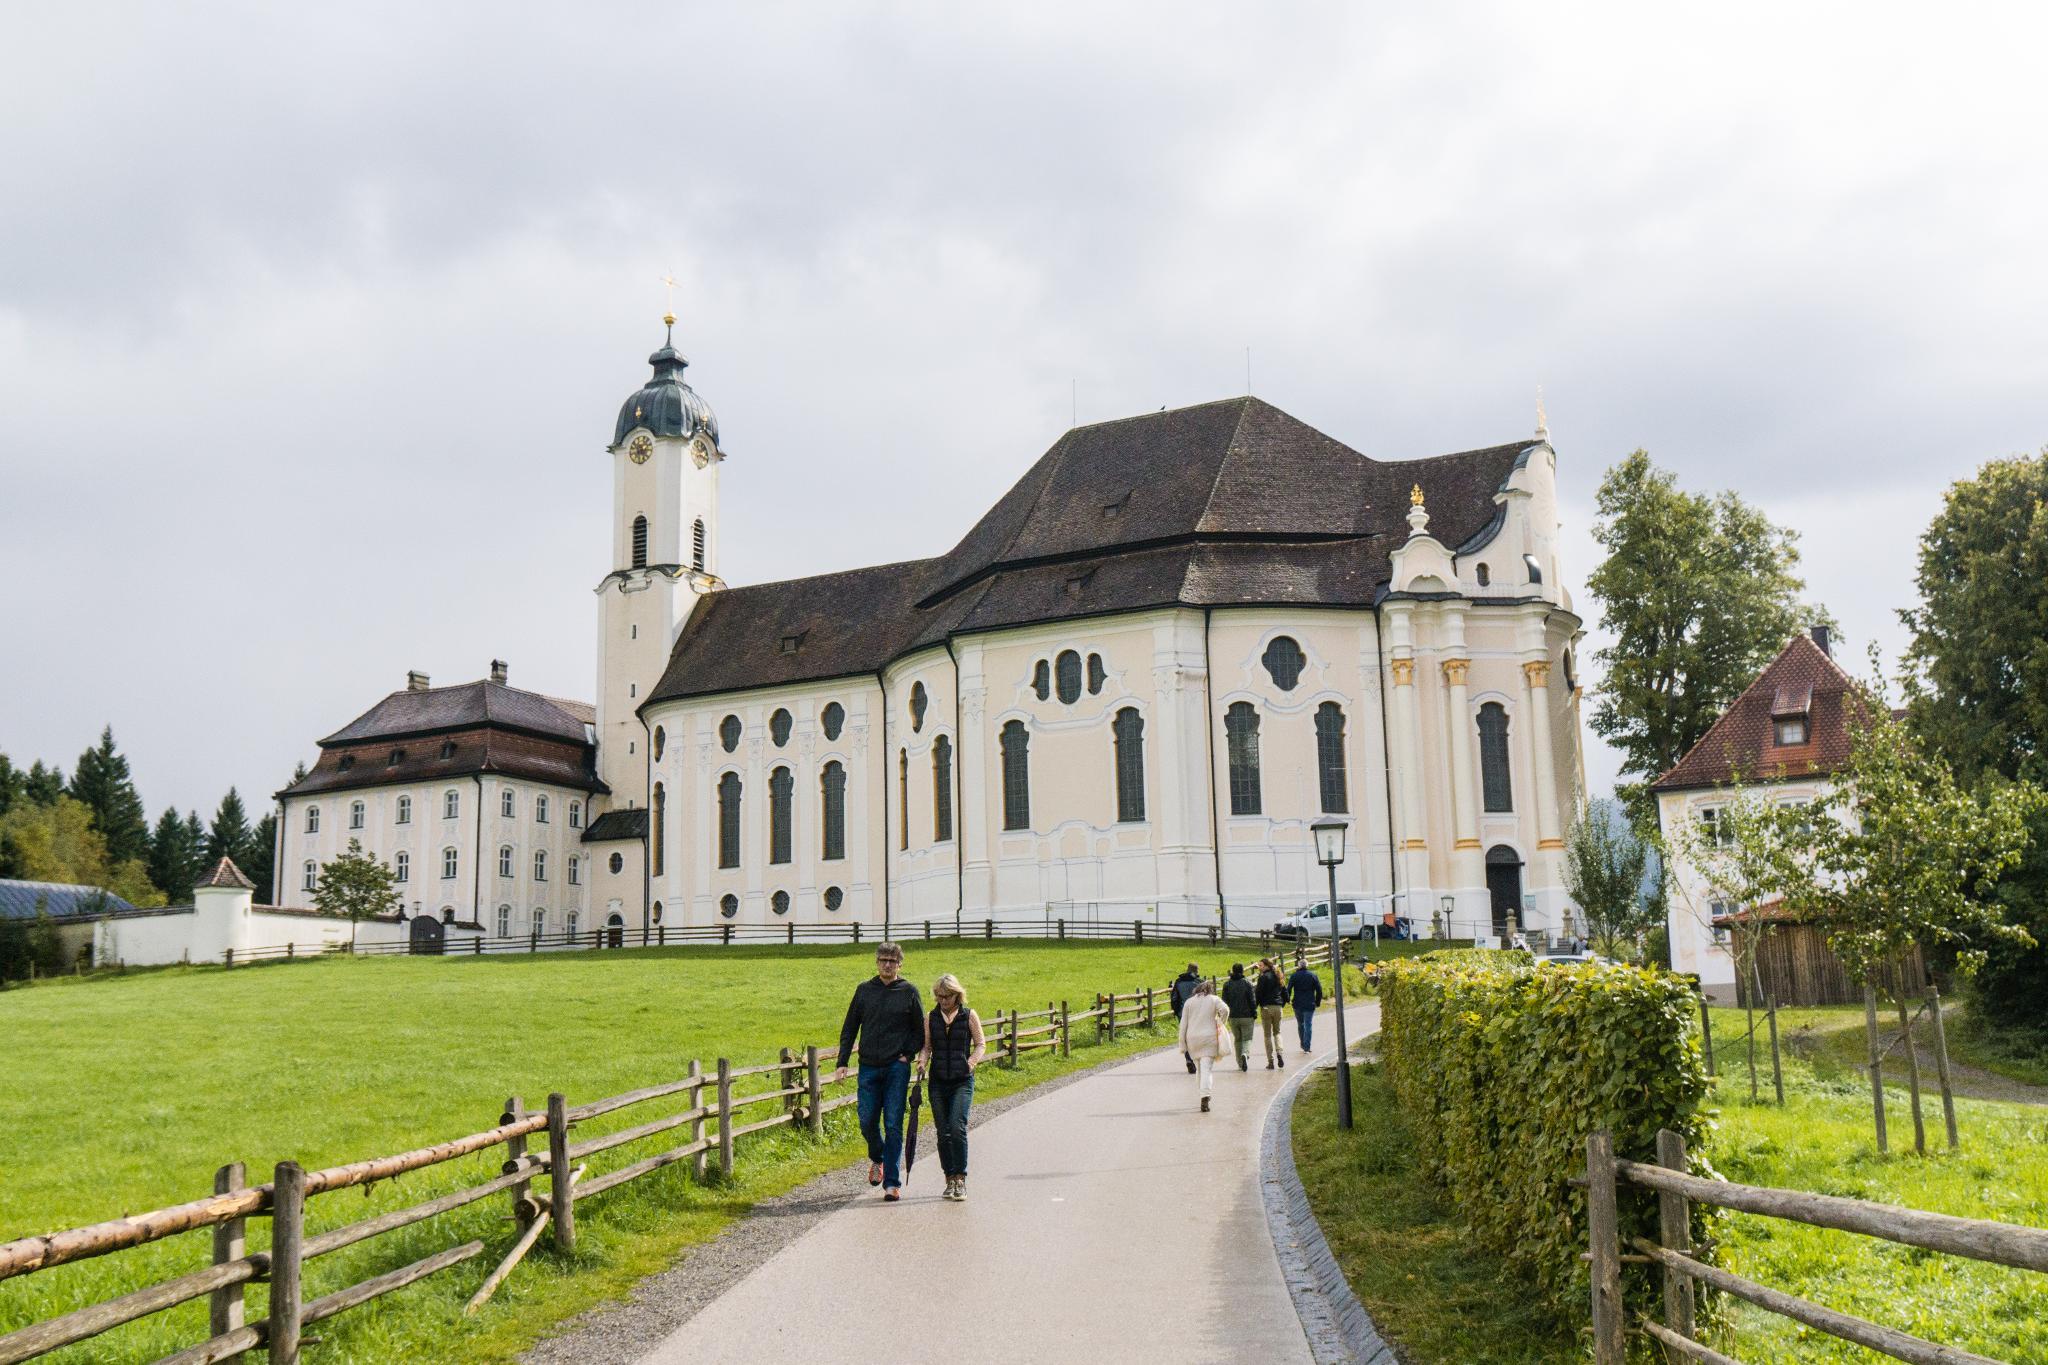 【德國】阿爾卑斯大道:維斯朝聖教堂 (Wieskirche) 12